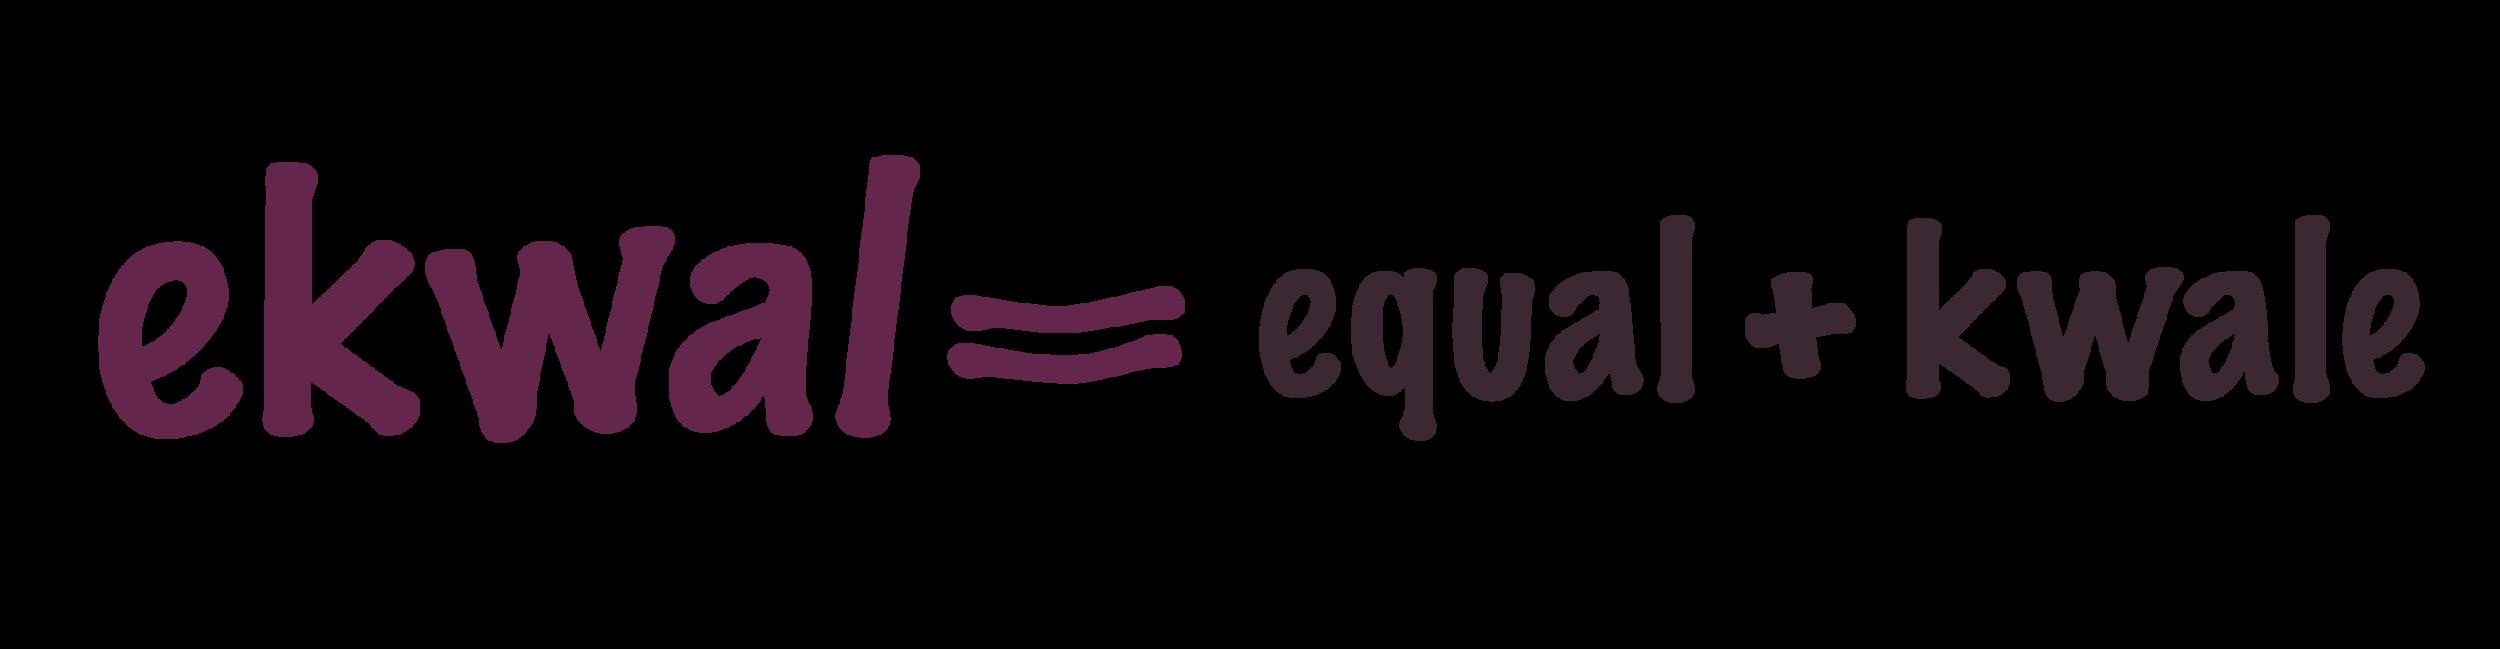 ekwal_logo_detail_logo_1.png